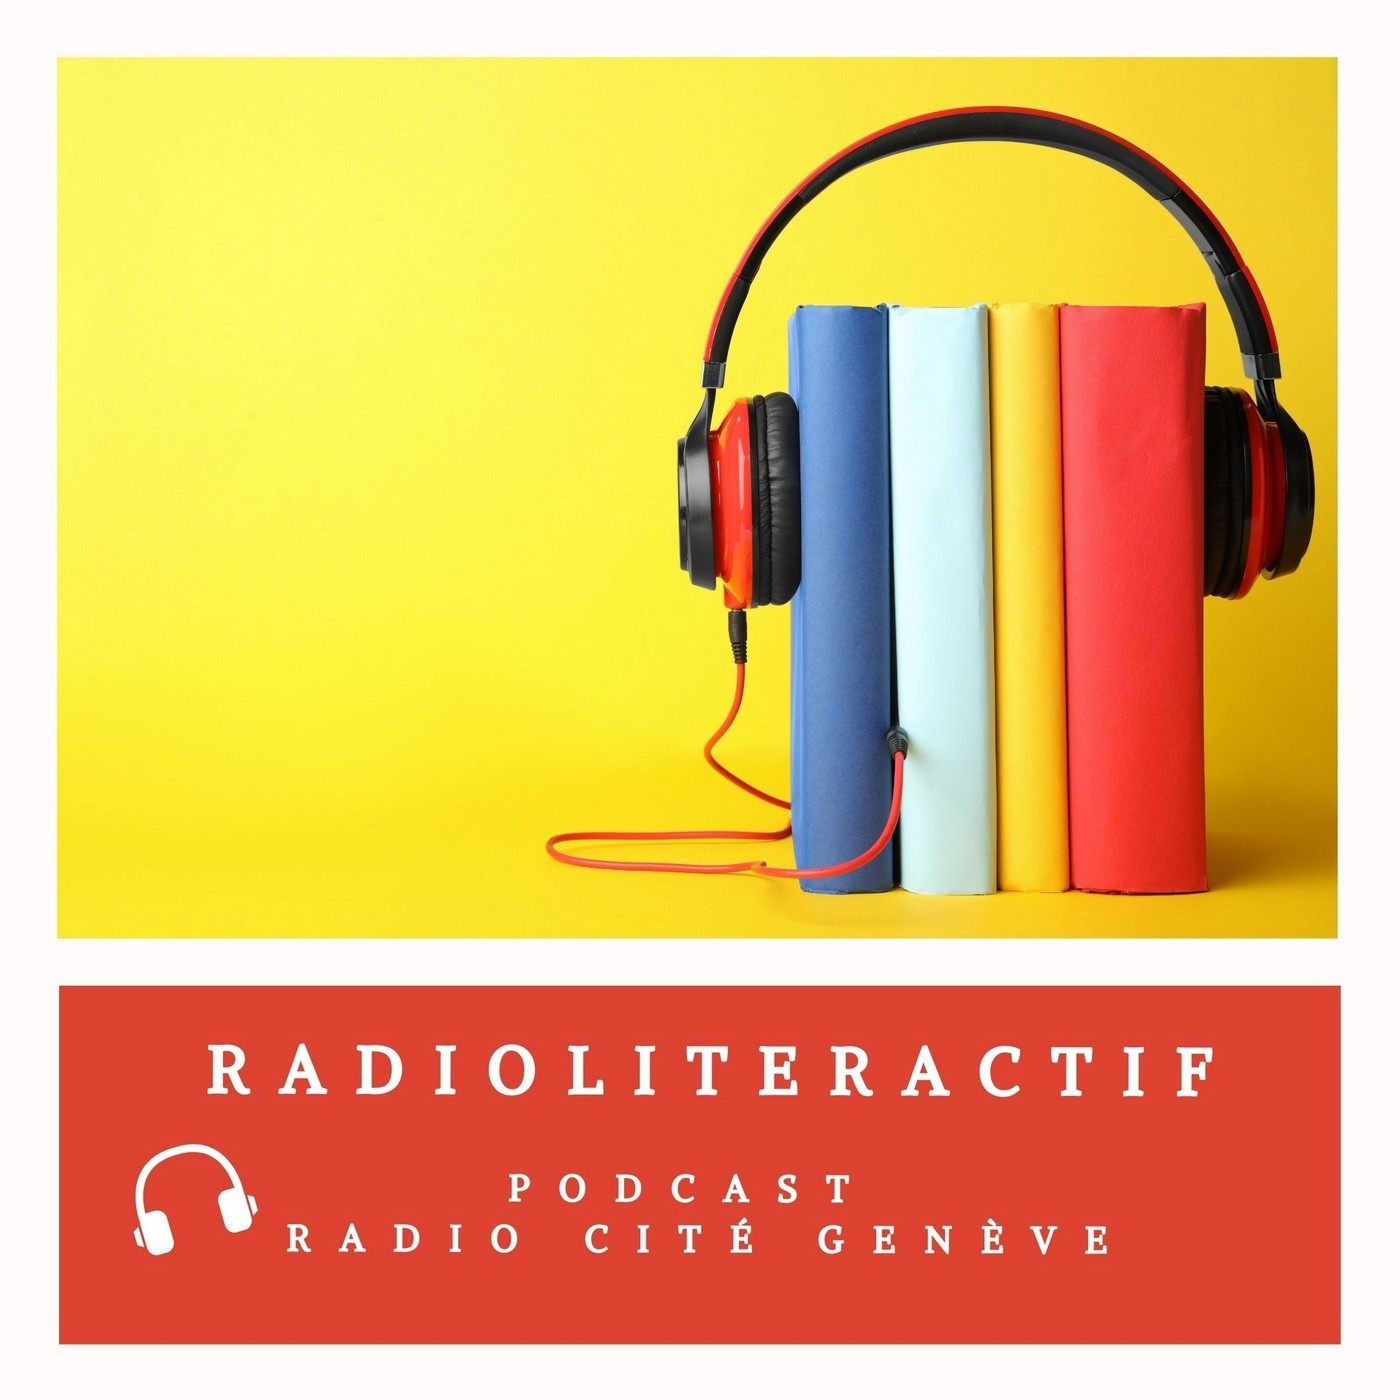 Radioliteractif du 01/03/2021 - Marie Javet